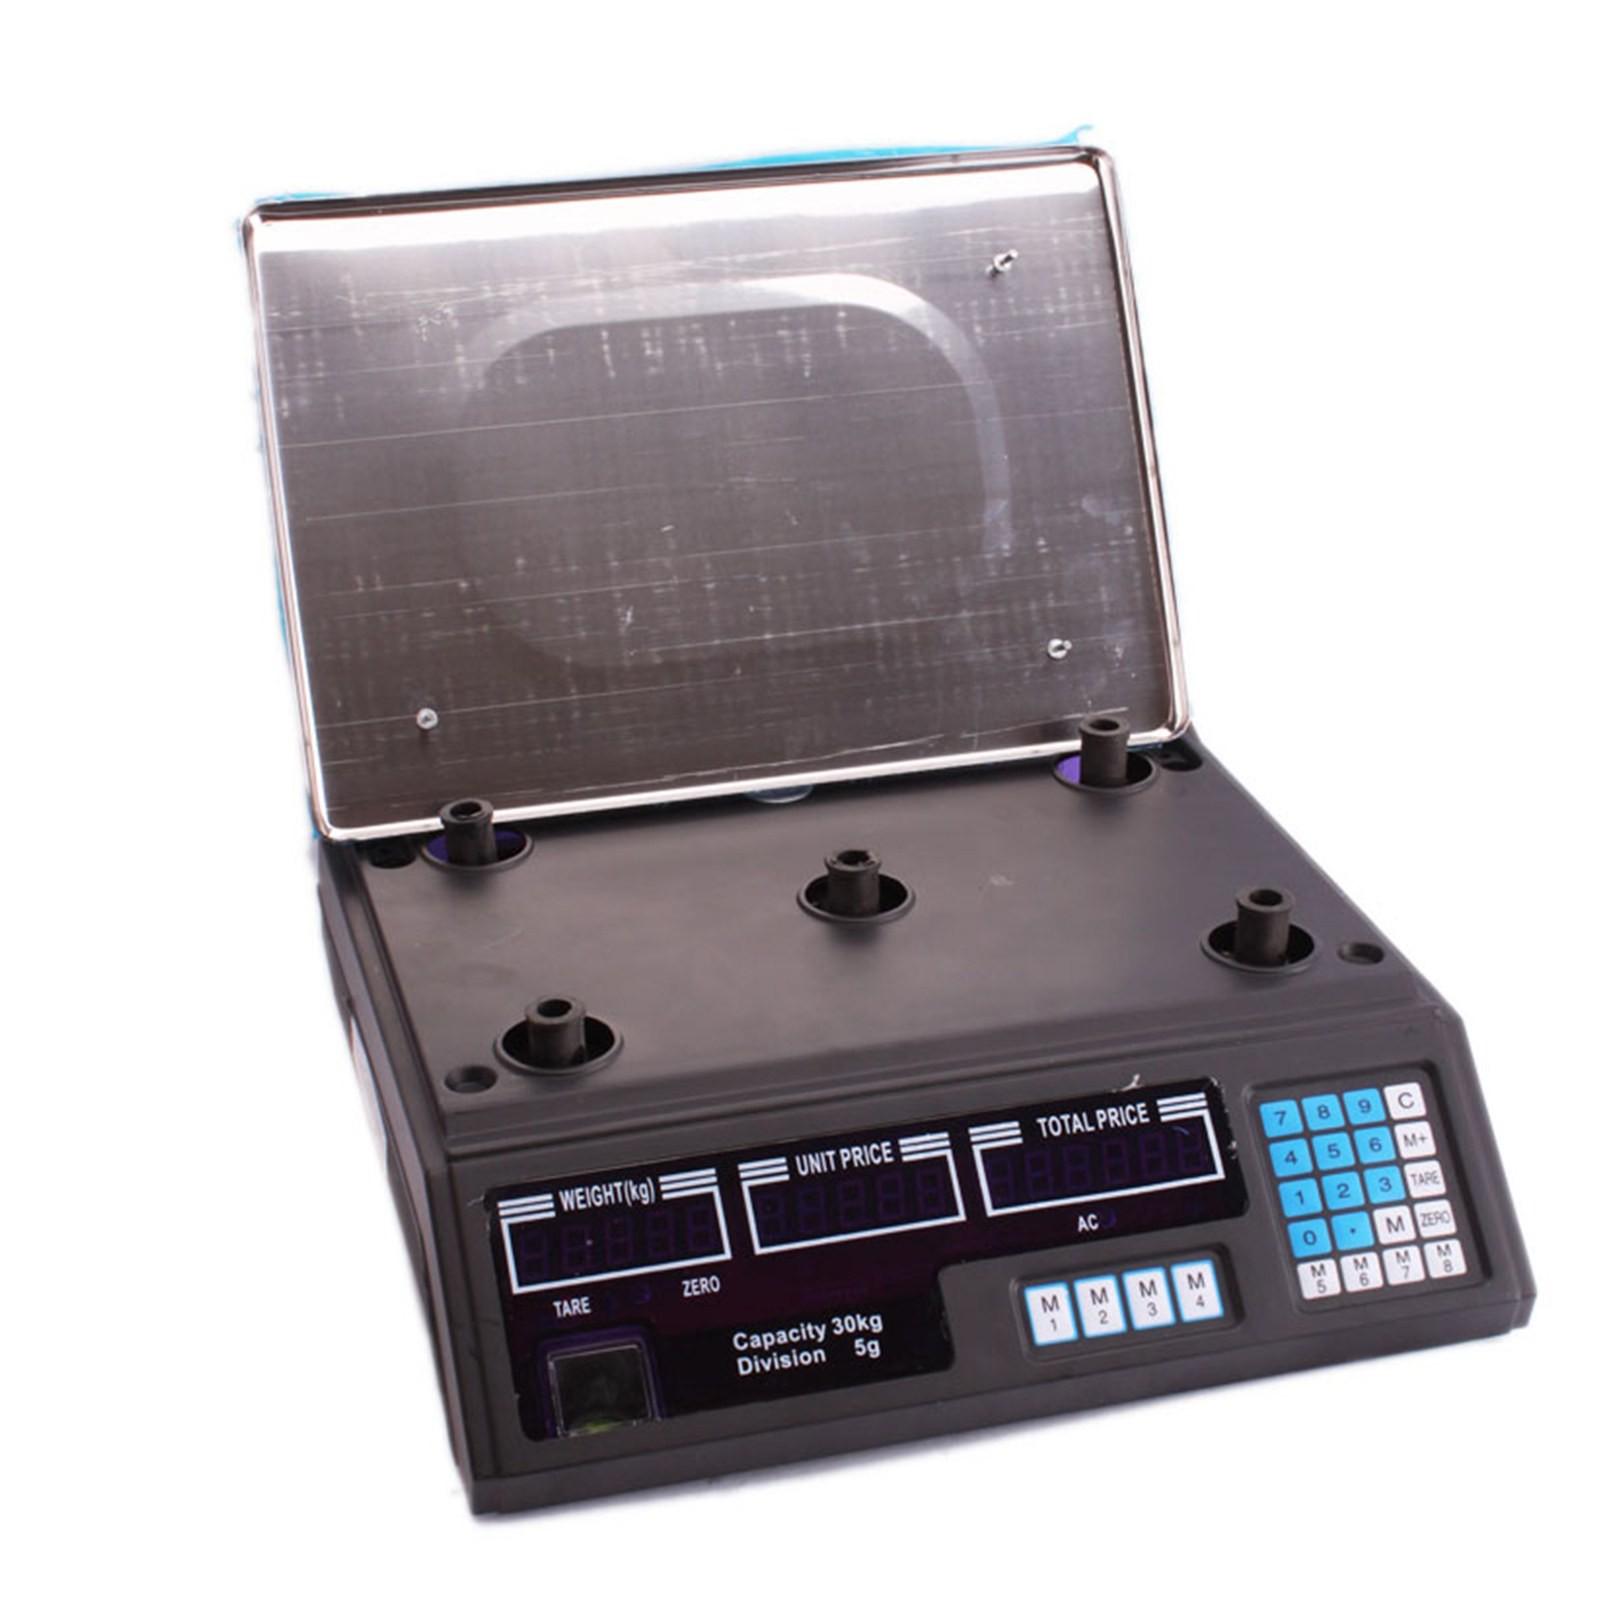 bilancia elettronica digitale da cucina elettronica 40 kg ... - Bilancia Da Cucina Professionale